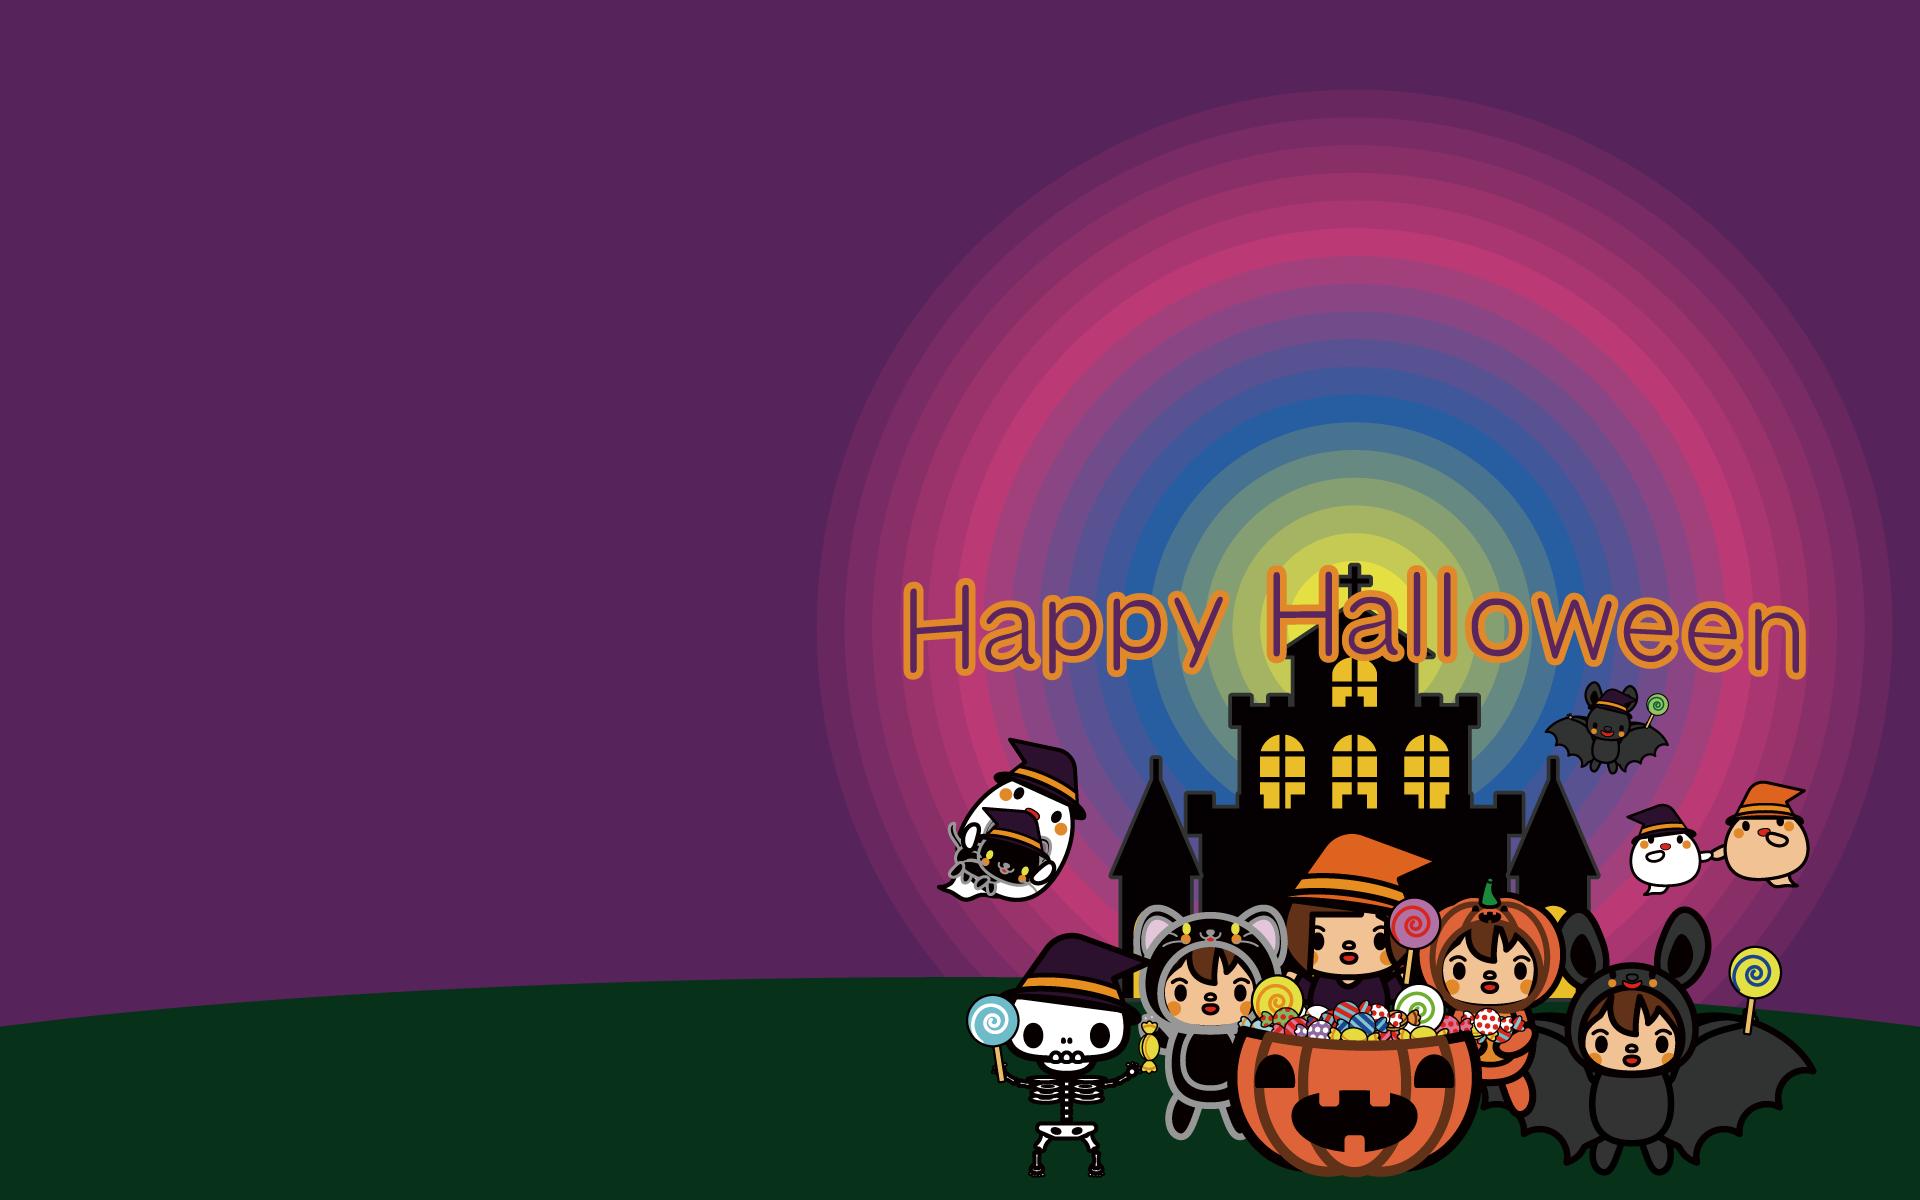 wallpaper1_happy-halloween-pc